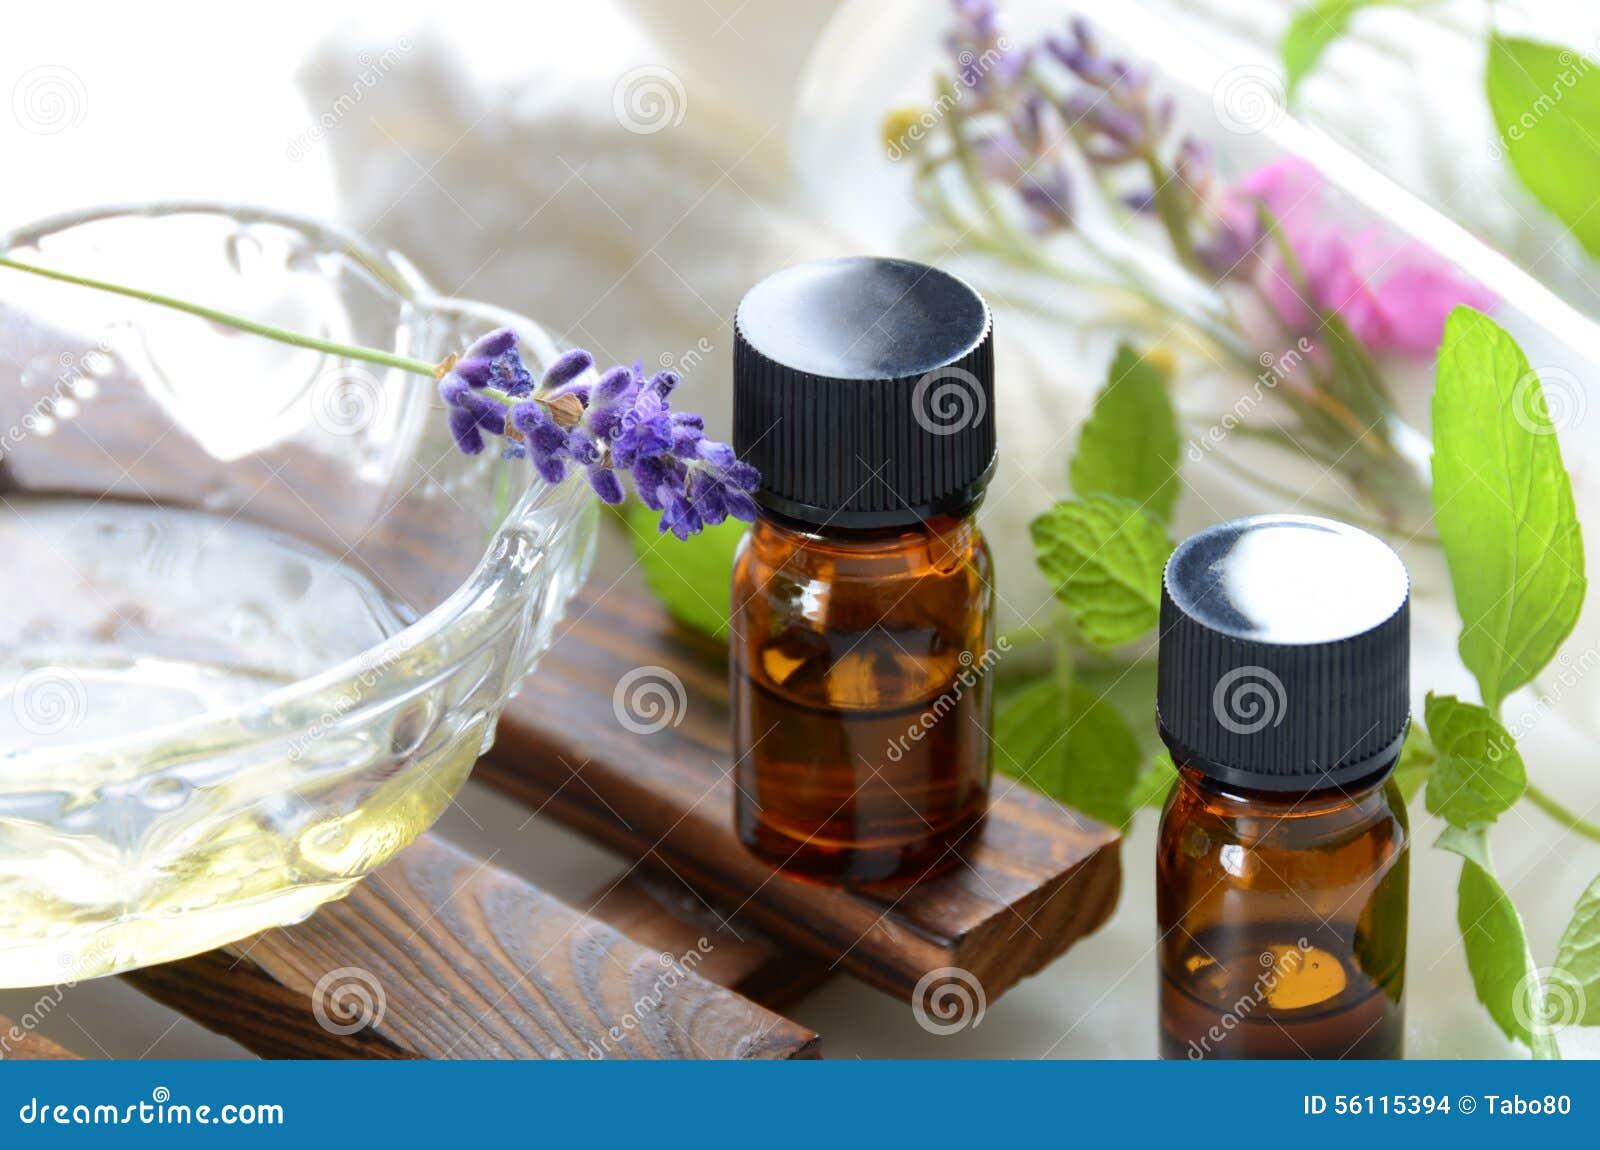 therische le und kosmetik mit lavendel und kr utern stockfoto bild 56115394. Black Bedroom Furniture Sets. Home Design Ideas